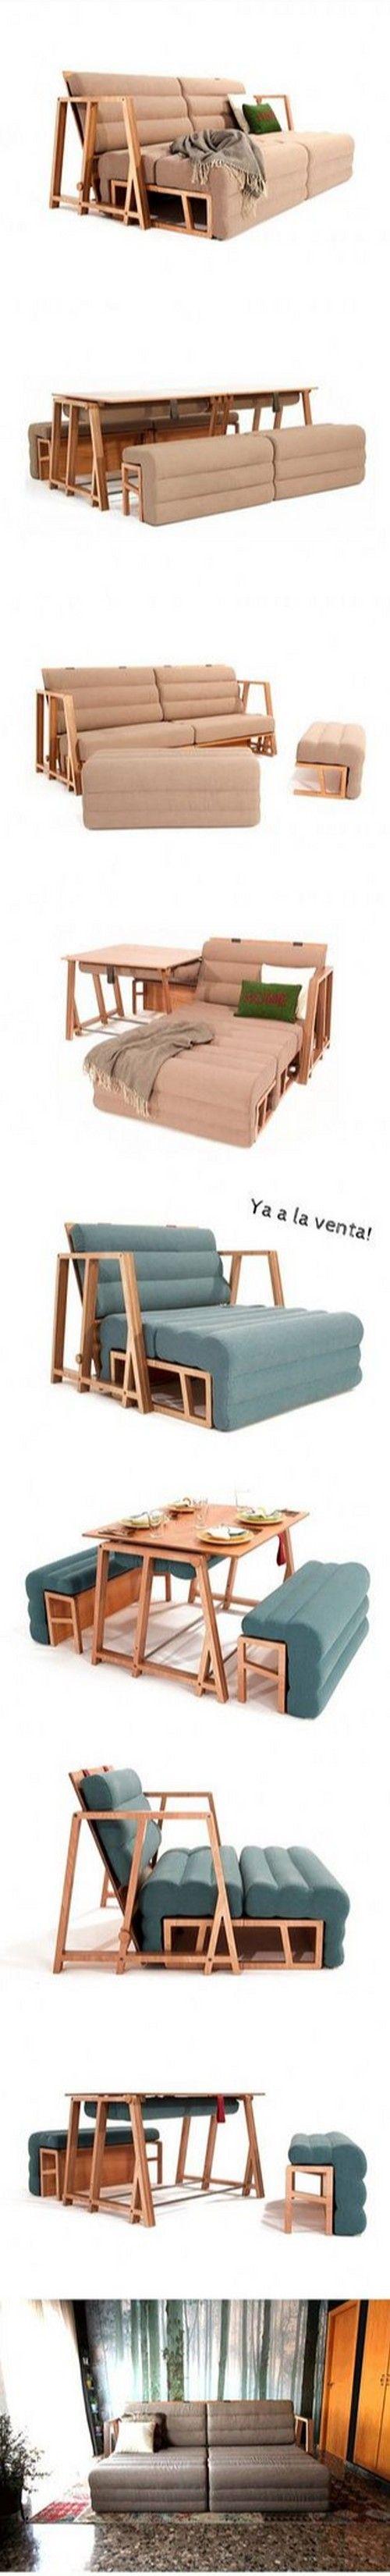 Трансформируемая мебель. Convertible furniture.